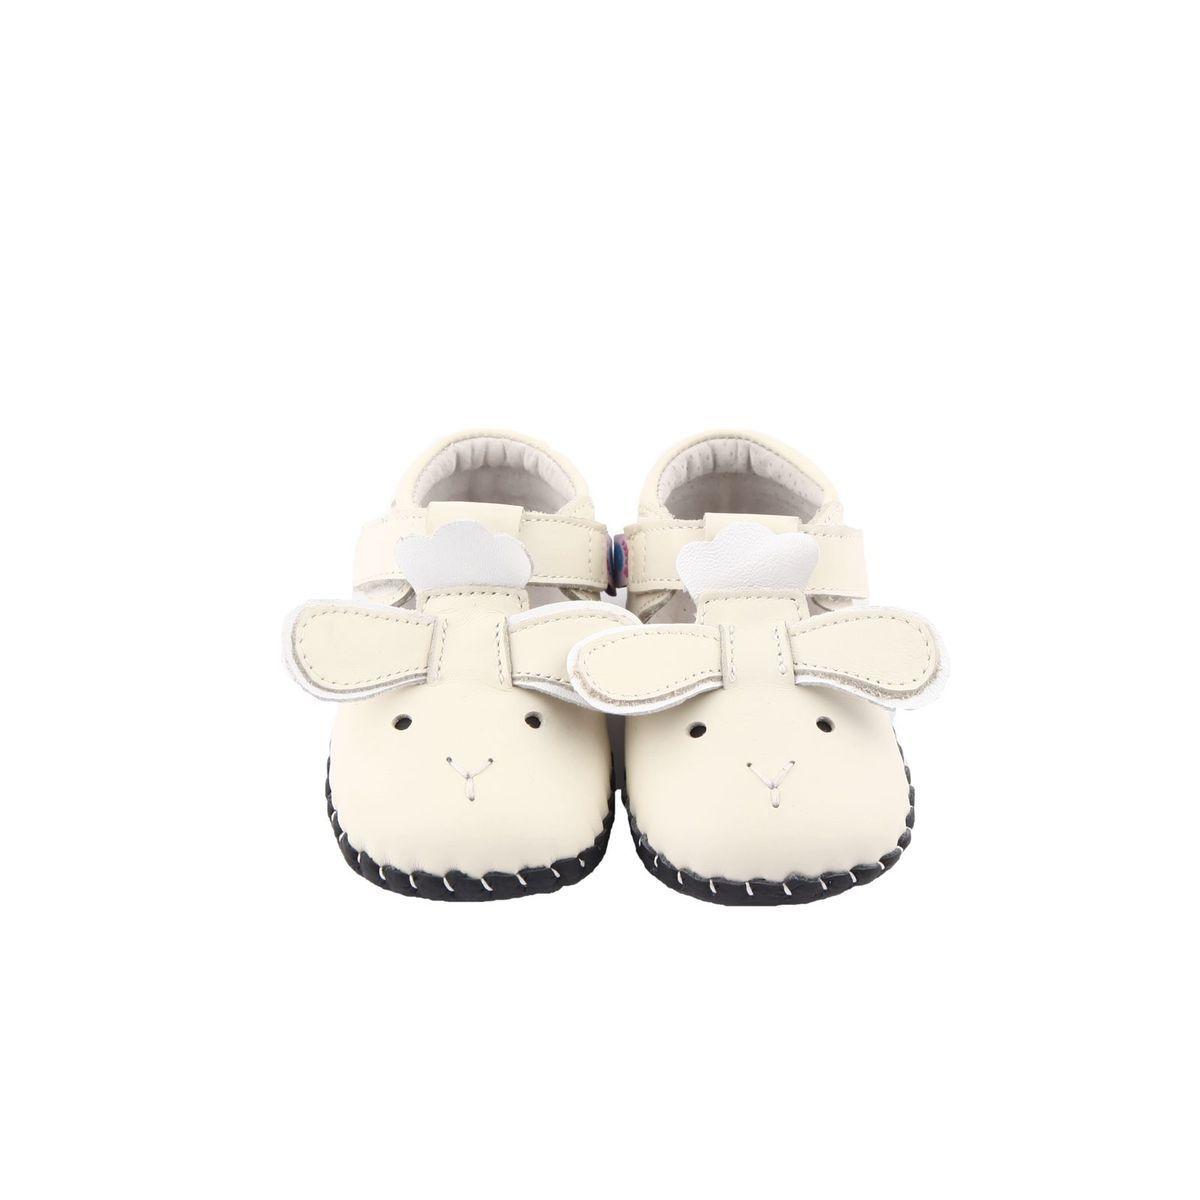 Chaussures Premiers Pas Cuir Souple Sandales Fermées Little